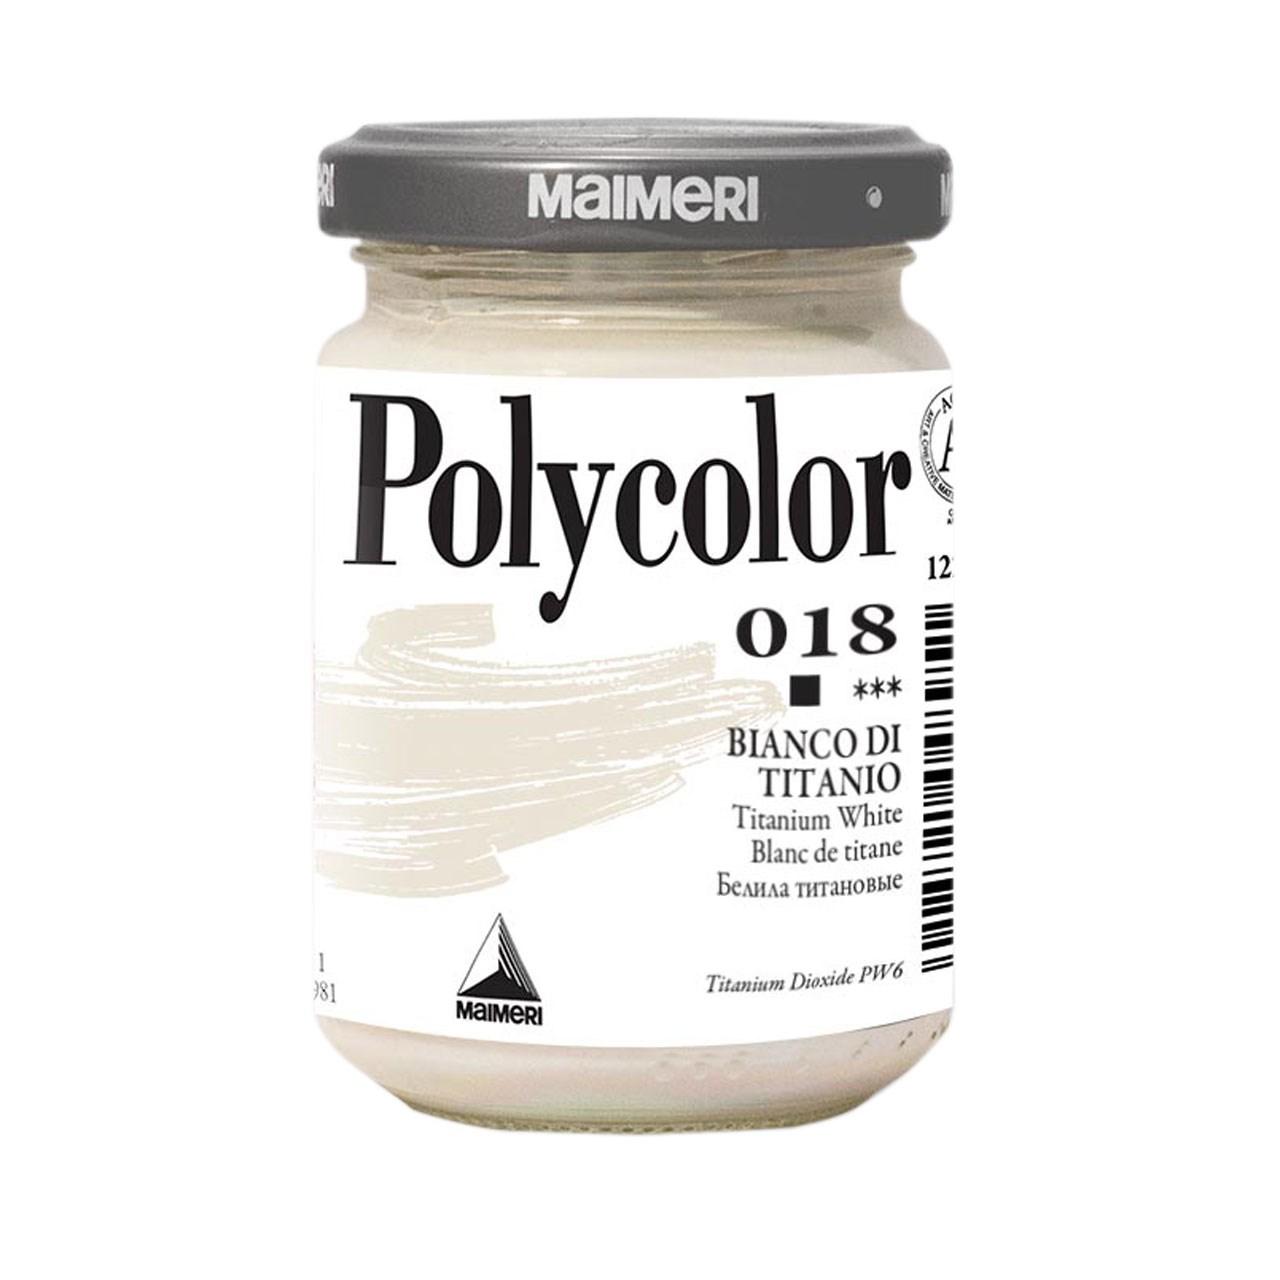 رنگ اکریلیک مایمری مدل Polycolor حجم 140 میلی لیتر